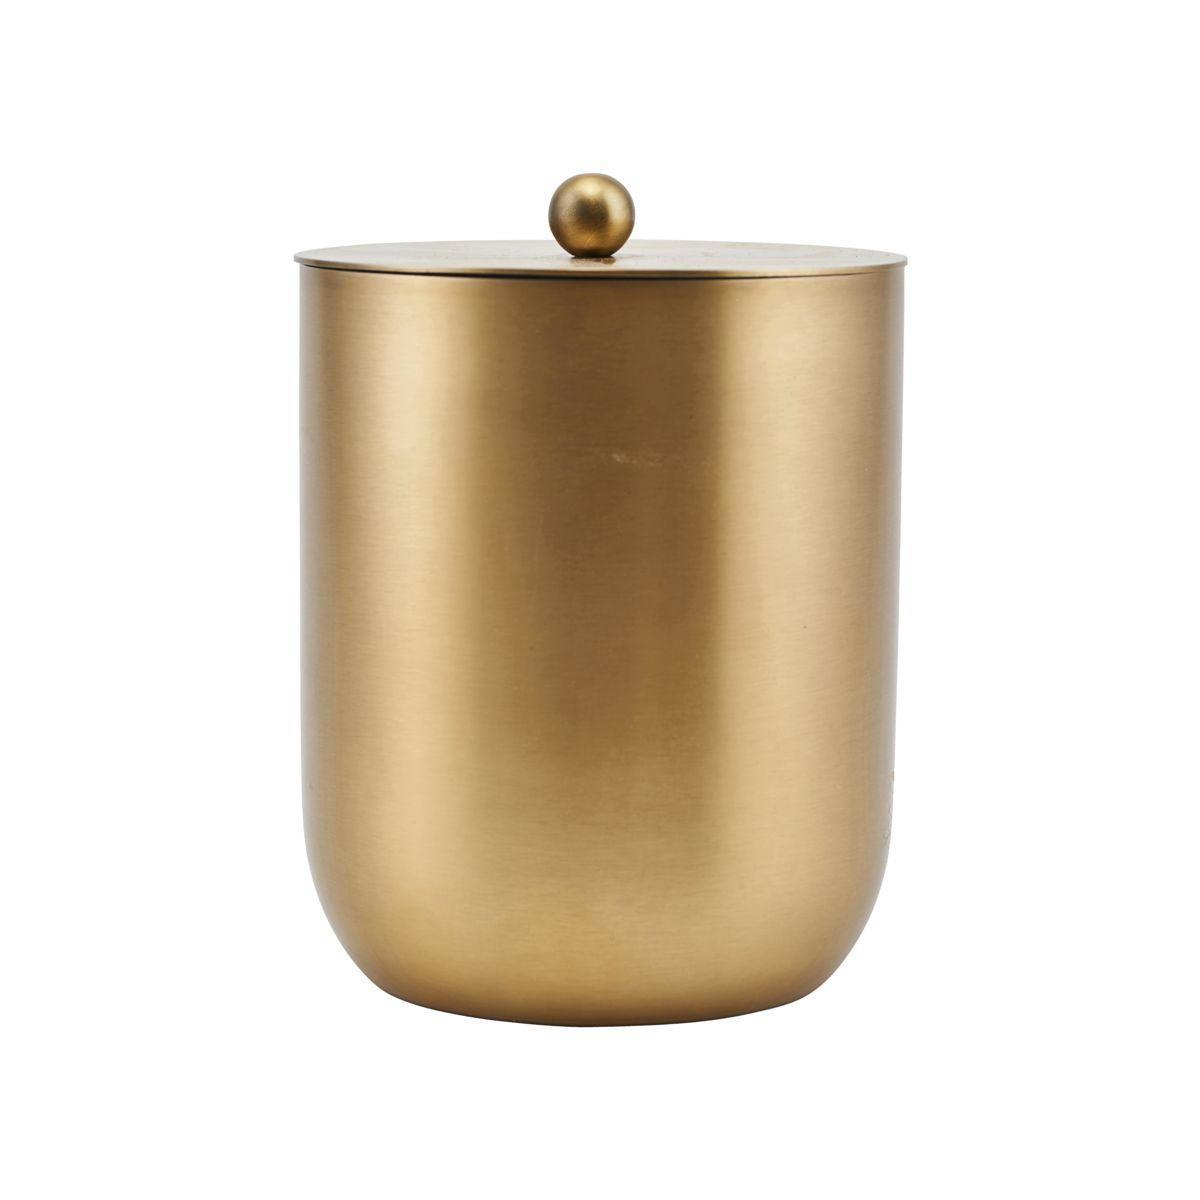 House Doctor Chladící nádoba na víno Alir, zlatá barva, kov